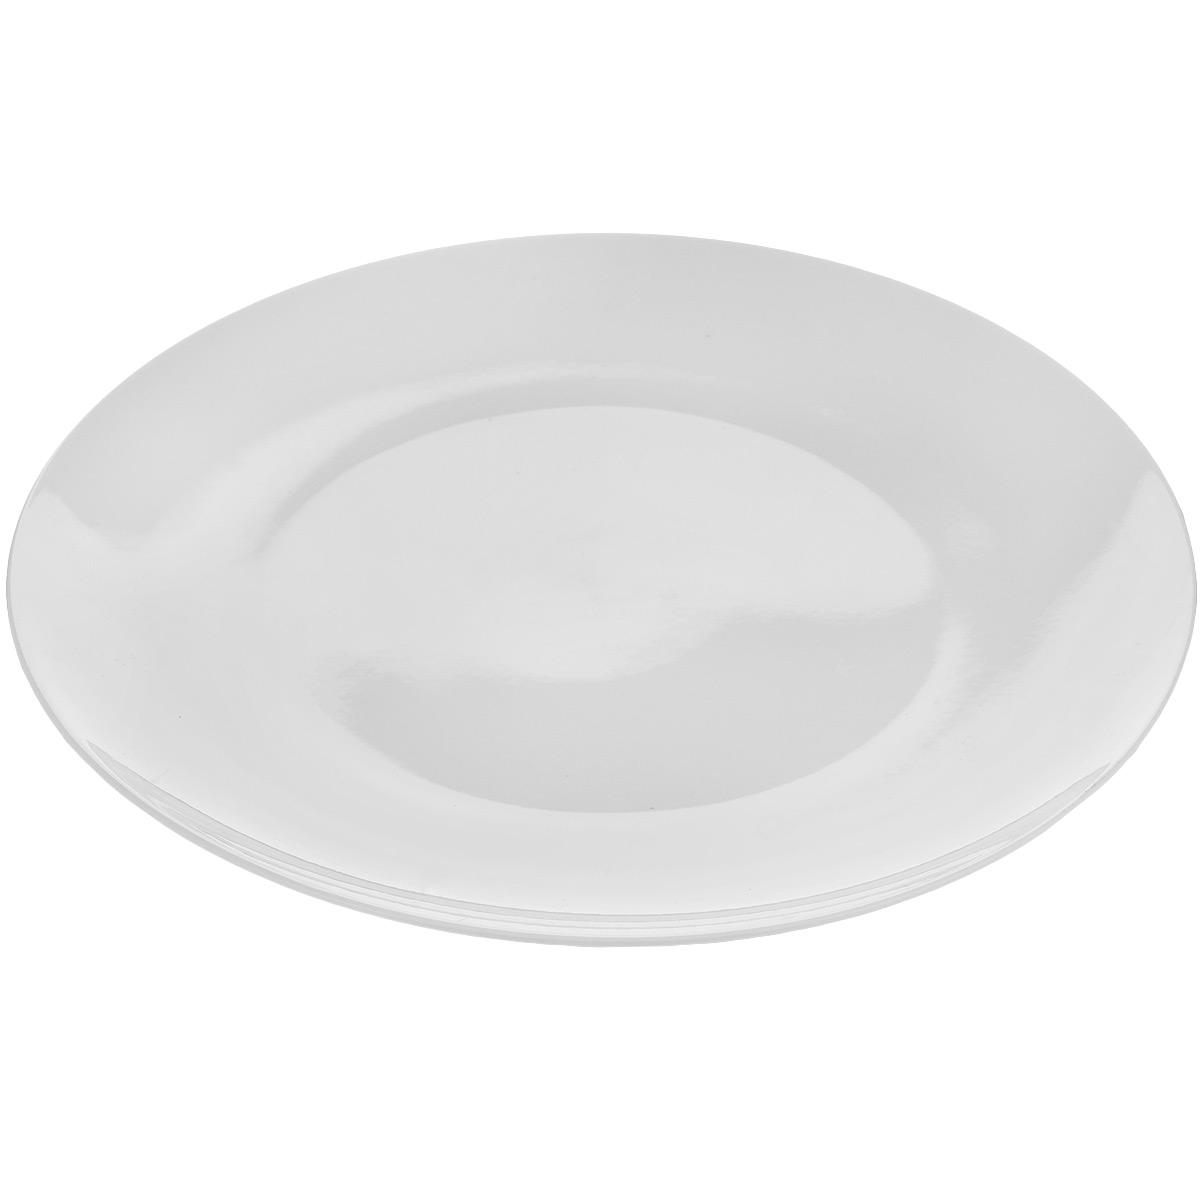 Тарелка Tescoma Crema, диаметр 27 см387024Тарелка Tescoma Crema выполнена из высококачественного фарфора однотонного цвета и прекрасно подойдет для вашей кухни. Такая тарелка изысканно украсит сервировку как обеденного, так и праздничного стола. Предназначена для подачи вторых блюд. Пригодна для использования в микроволновой печи. Можно мыть в посудомоечной машине.Диаметр: 27 см.Высота тарелки: 2,5 см.